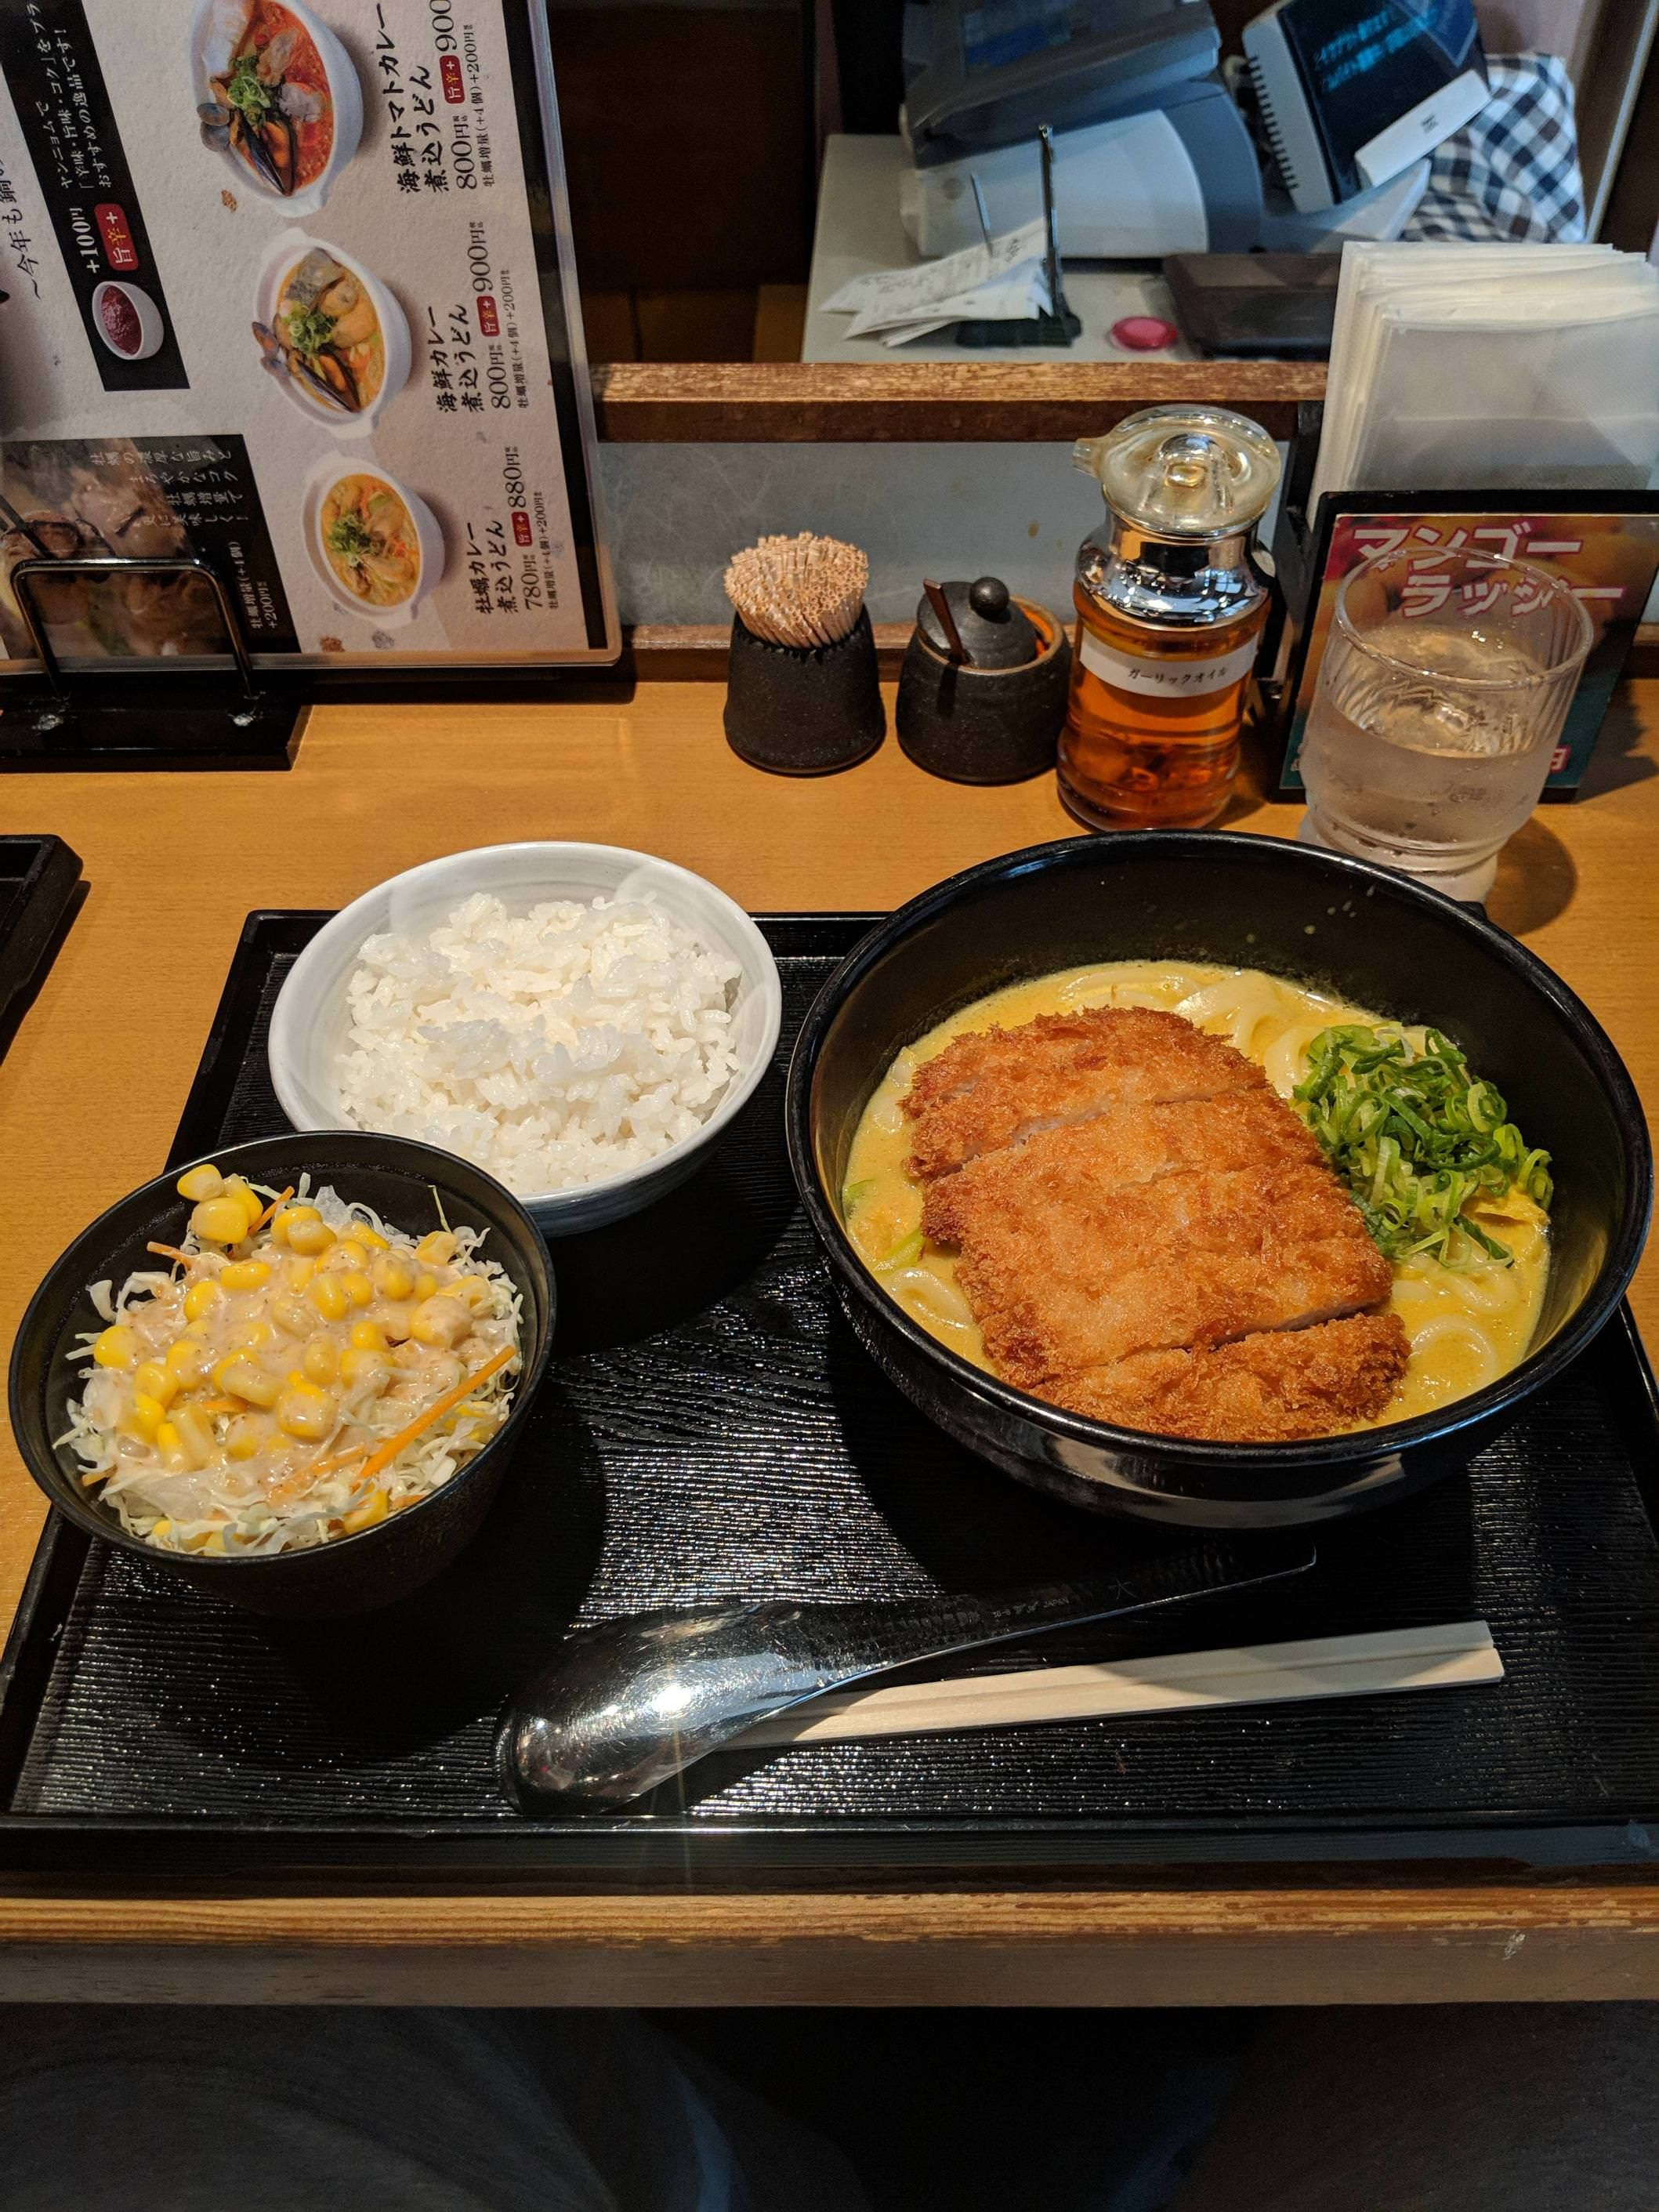 Katsu Curry Udon I Had In Tokyo Via Foodporn On December 05 2018